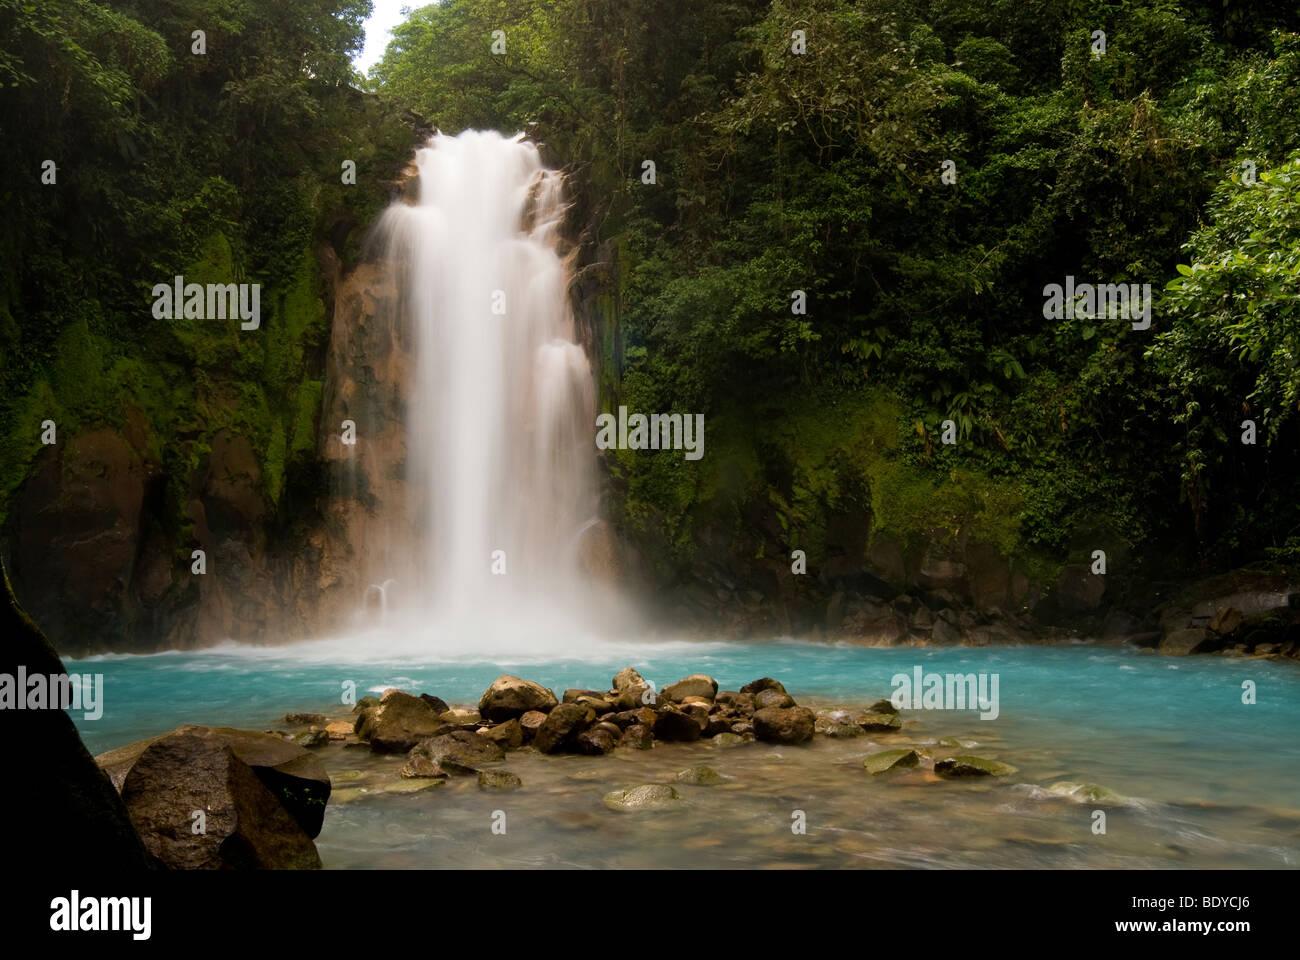 Cascata a Rio Celeste, Tenorio Il Parco Nazionale del Vulcano, Costa Rica. Immagini Stock